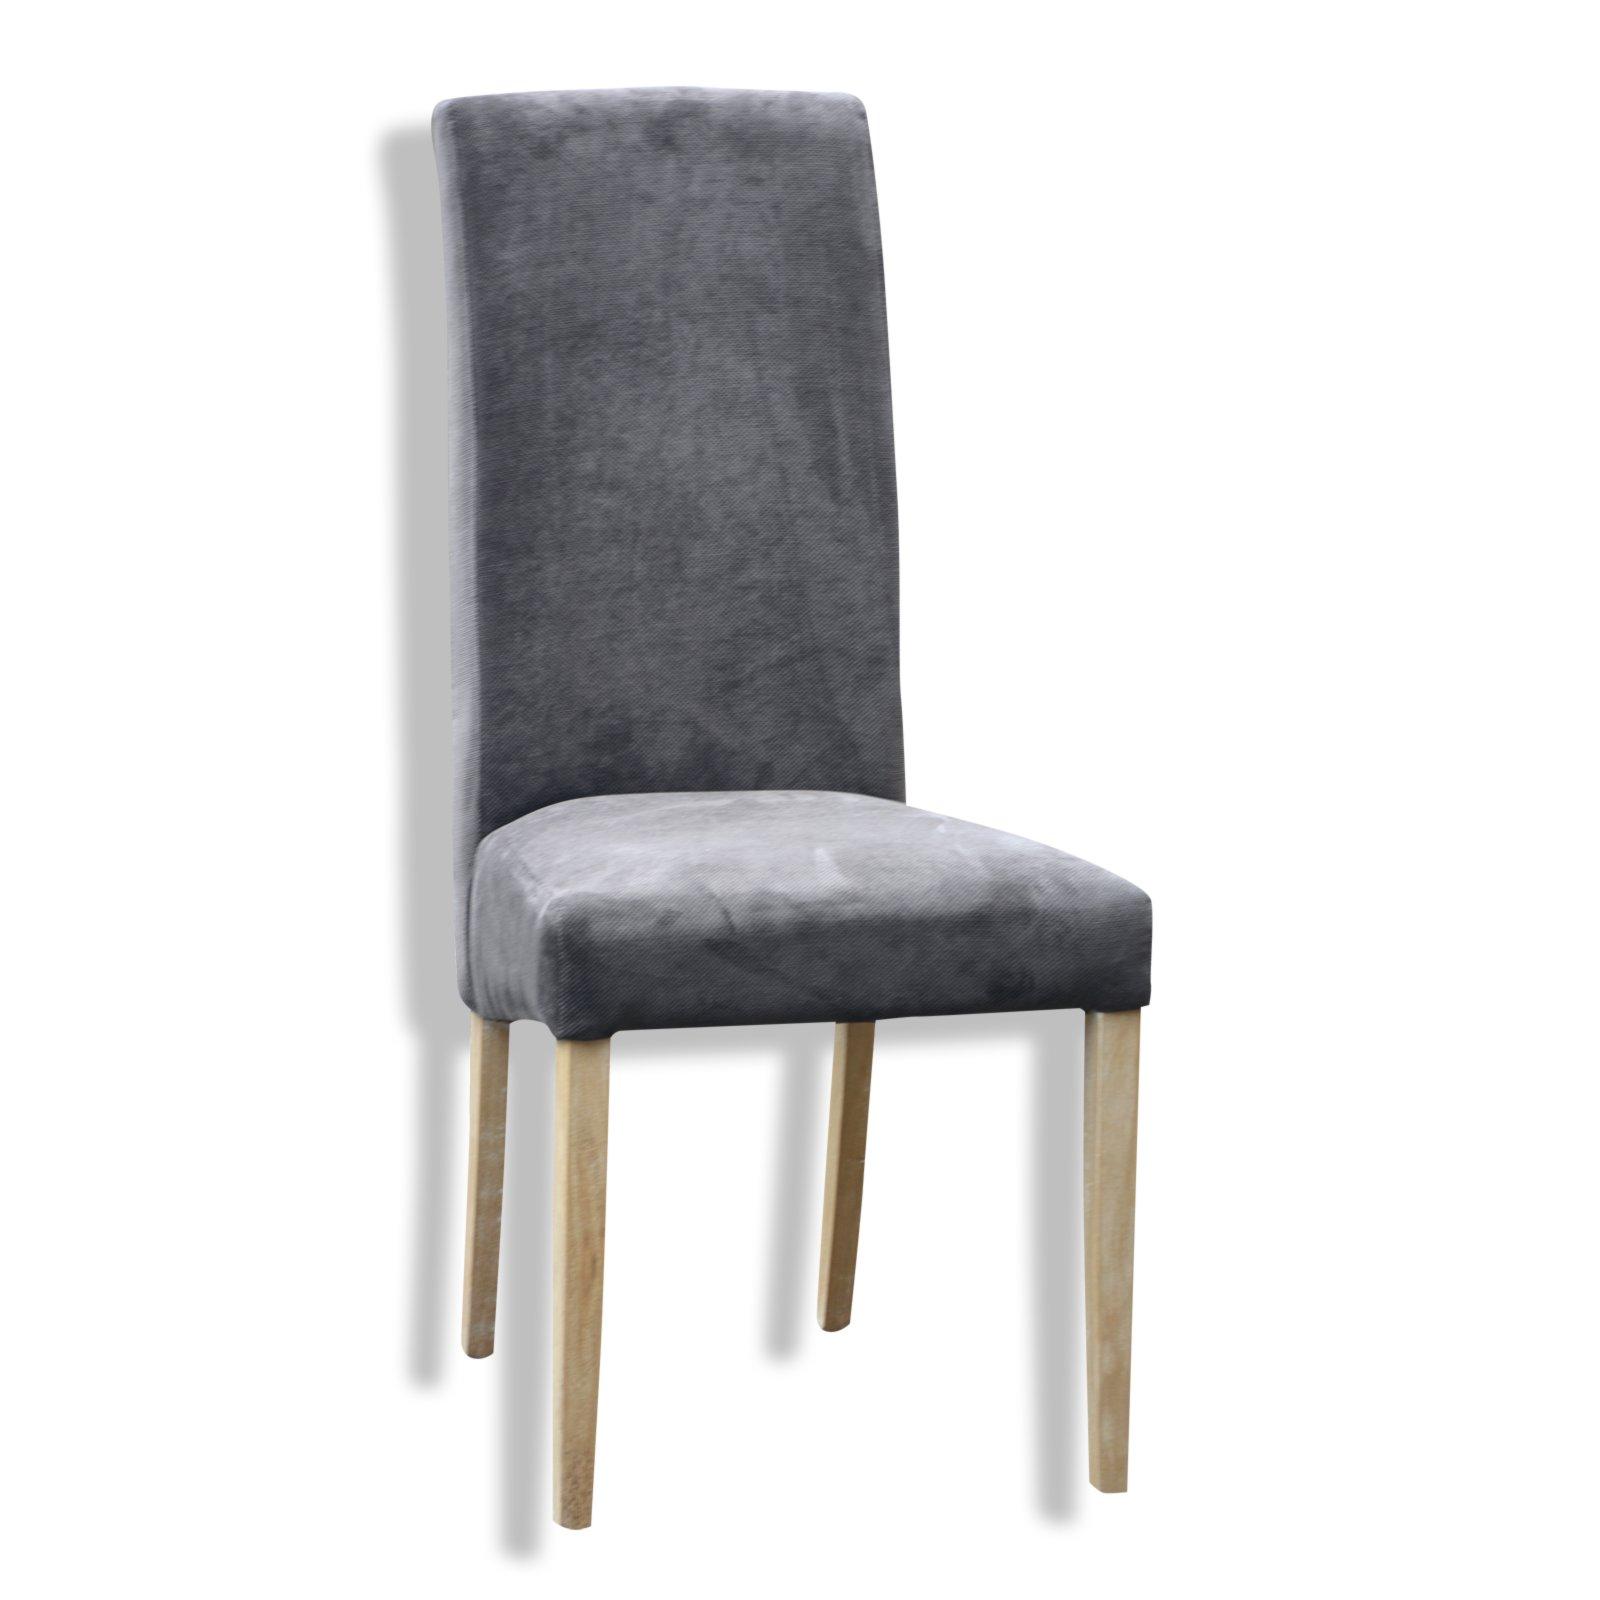 Esstisch Stühle Mit Armlehne | mxpweb.com